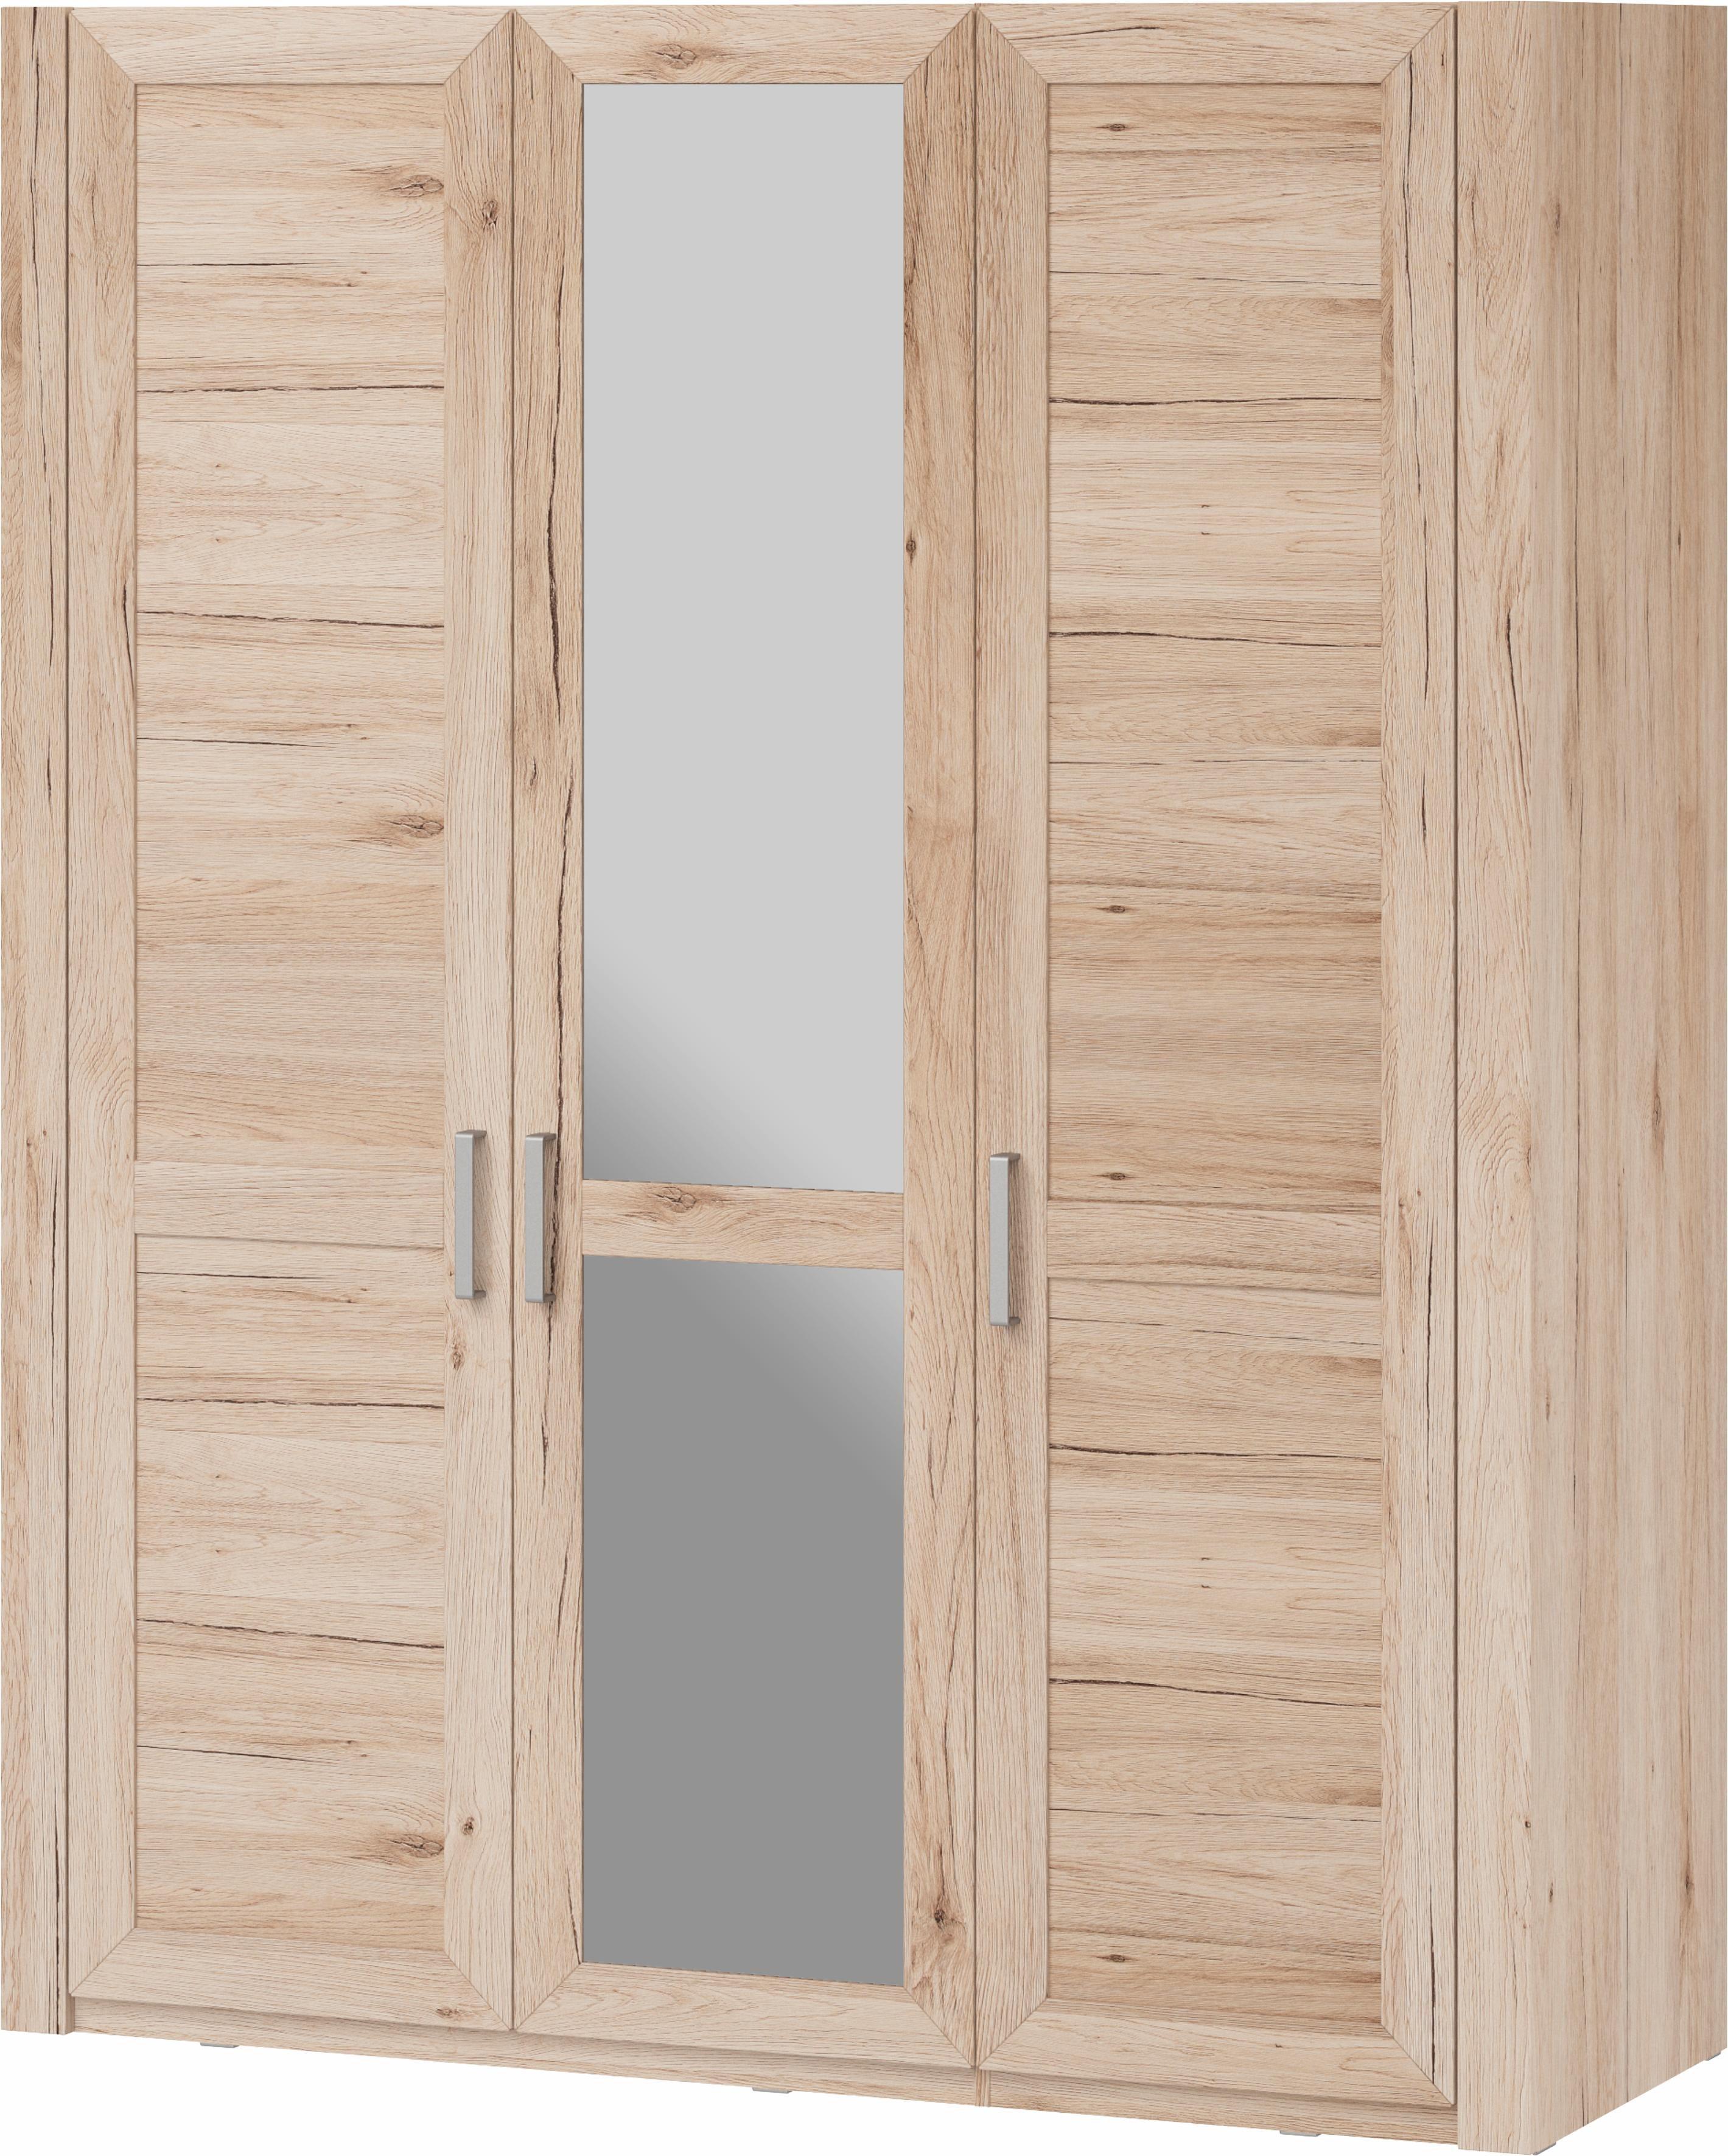 Landhausstil tischdecken preisvergleich die besten angebote online kaufen - Spiegelschrank landhausstil ...